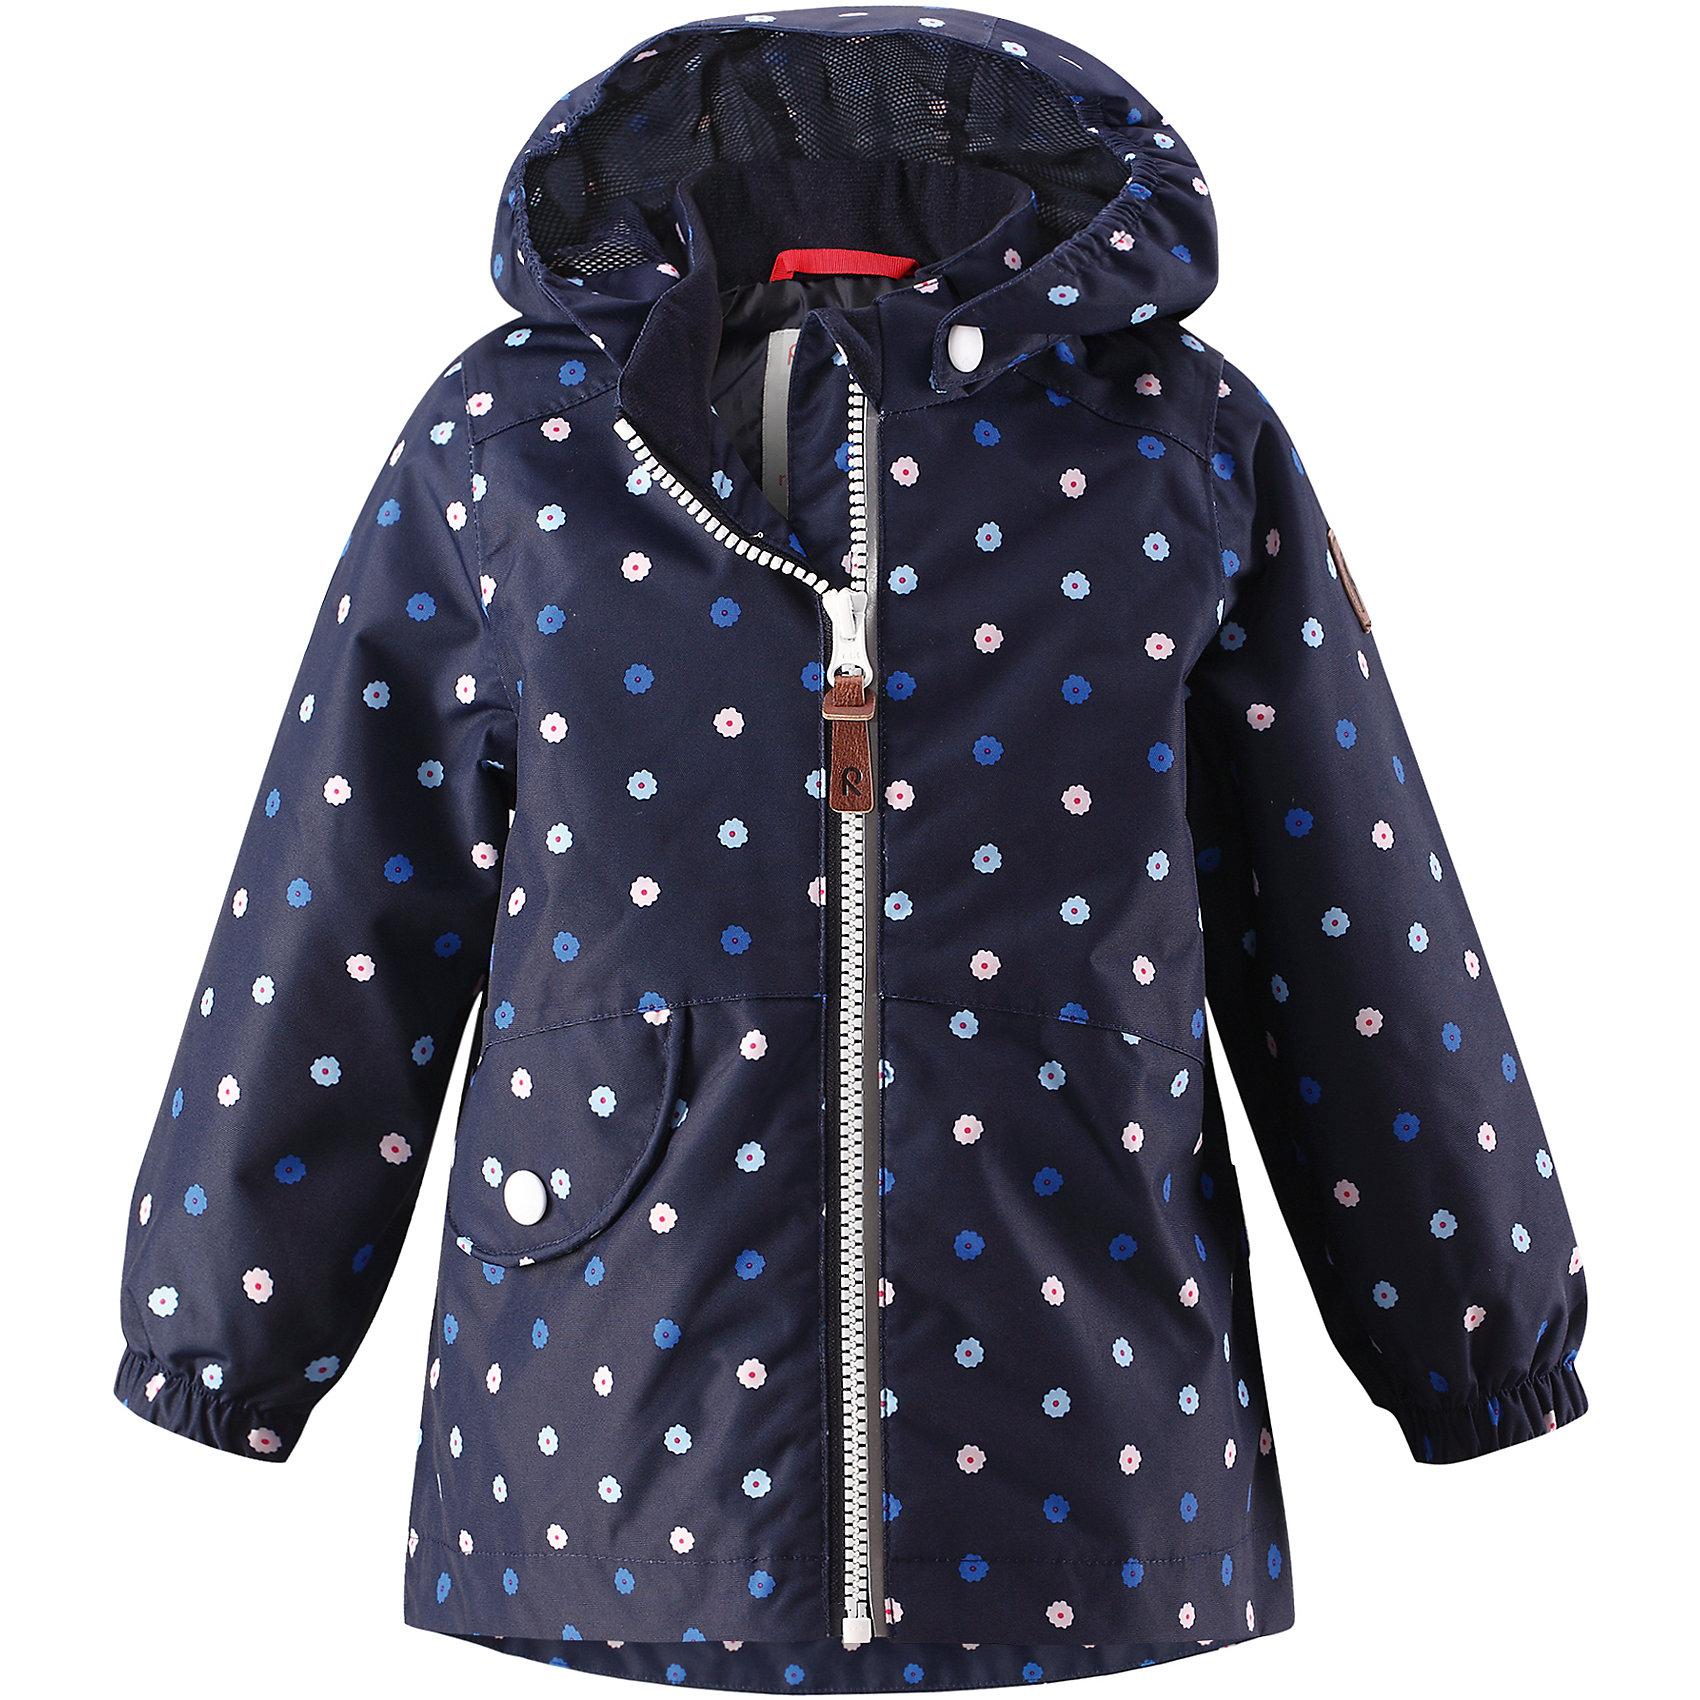 Куртка Hymy для девочки Reimatec® ReimaВерхняя одежда<br>Характеристики товара:<br><br>• цвет: синий<br>• состав: 100% полиэстер, полиуретановое покрытие<br>• температурный режим от +5° до +15°С<br>• водонепроницаемость: 8000 мм<br>• воздухопроницаемость: 5000 мм<br>• износостойкость: 30000 циклов (тест Мартиндейла)<br>• без утеплителя<br>• швы проклеены, водонепроницаемы<br>• водо- и ветронепроницаемый, дышащий, грязеотталкивающий материал<br>• гладкая подкладка из полиэстера<br>• эластичные манжеты<br>• удлиненный сзади подол<br>• отстегивающийся капюшон<br>• карман с клапаном<br>• светоотражающие детали<br>• комфортная посадка<br>• страна производства: Китай<br>• страна бренда: Финляндия<br>• коллекция: весна-лето 2017<br><br>Верхняя одежда для детей может быть модной и комфортной одновременно! Демисезонная куртка поможет обеспечить ребенку комфорт и тепло. Она отлично смотрится с различной одеждой и обувью. Изделие удобно сидит и модно выглядит. Материал - прочный, хорошо подходящий для межсезонья, водо- и ветронепроницаемый, «дышащий». Стильный дизайн разрабатывался специально для детей.<br><br>Одежда и обувь от финского бренда Reima пользуется популярностью во многих странах. Эти изделия стильные, качественные и удобные. Для производства продукции используются только безопасные, проверенные материалы и фурнитура. Порадуйте ребенка модными и красивыми вещами от Reima! <br><br>Куртку для девочки Reimatec® от финского бренда Reima (Рейма) можно купить в нашем интернет-магазине.<br><br>Ширина мм: 356<br>Глубина мм: 10<br>Высота мм: 245<br>Вес г: 519<br>Цвет: синий<br>Возраст от месяцев: 18<br>Возраст до месяцев: 24<br>Пол: Женский<br>Возраст: Детский<br>Размер: 92,98,86,74,80<br>SKU: 5265562